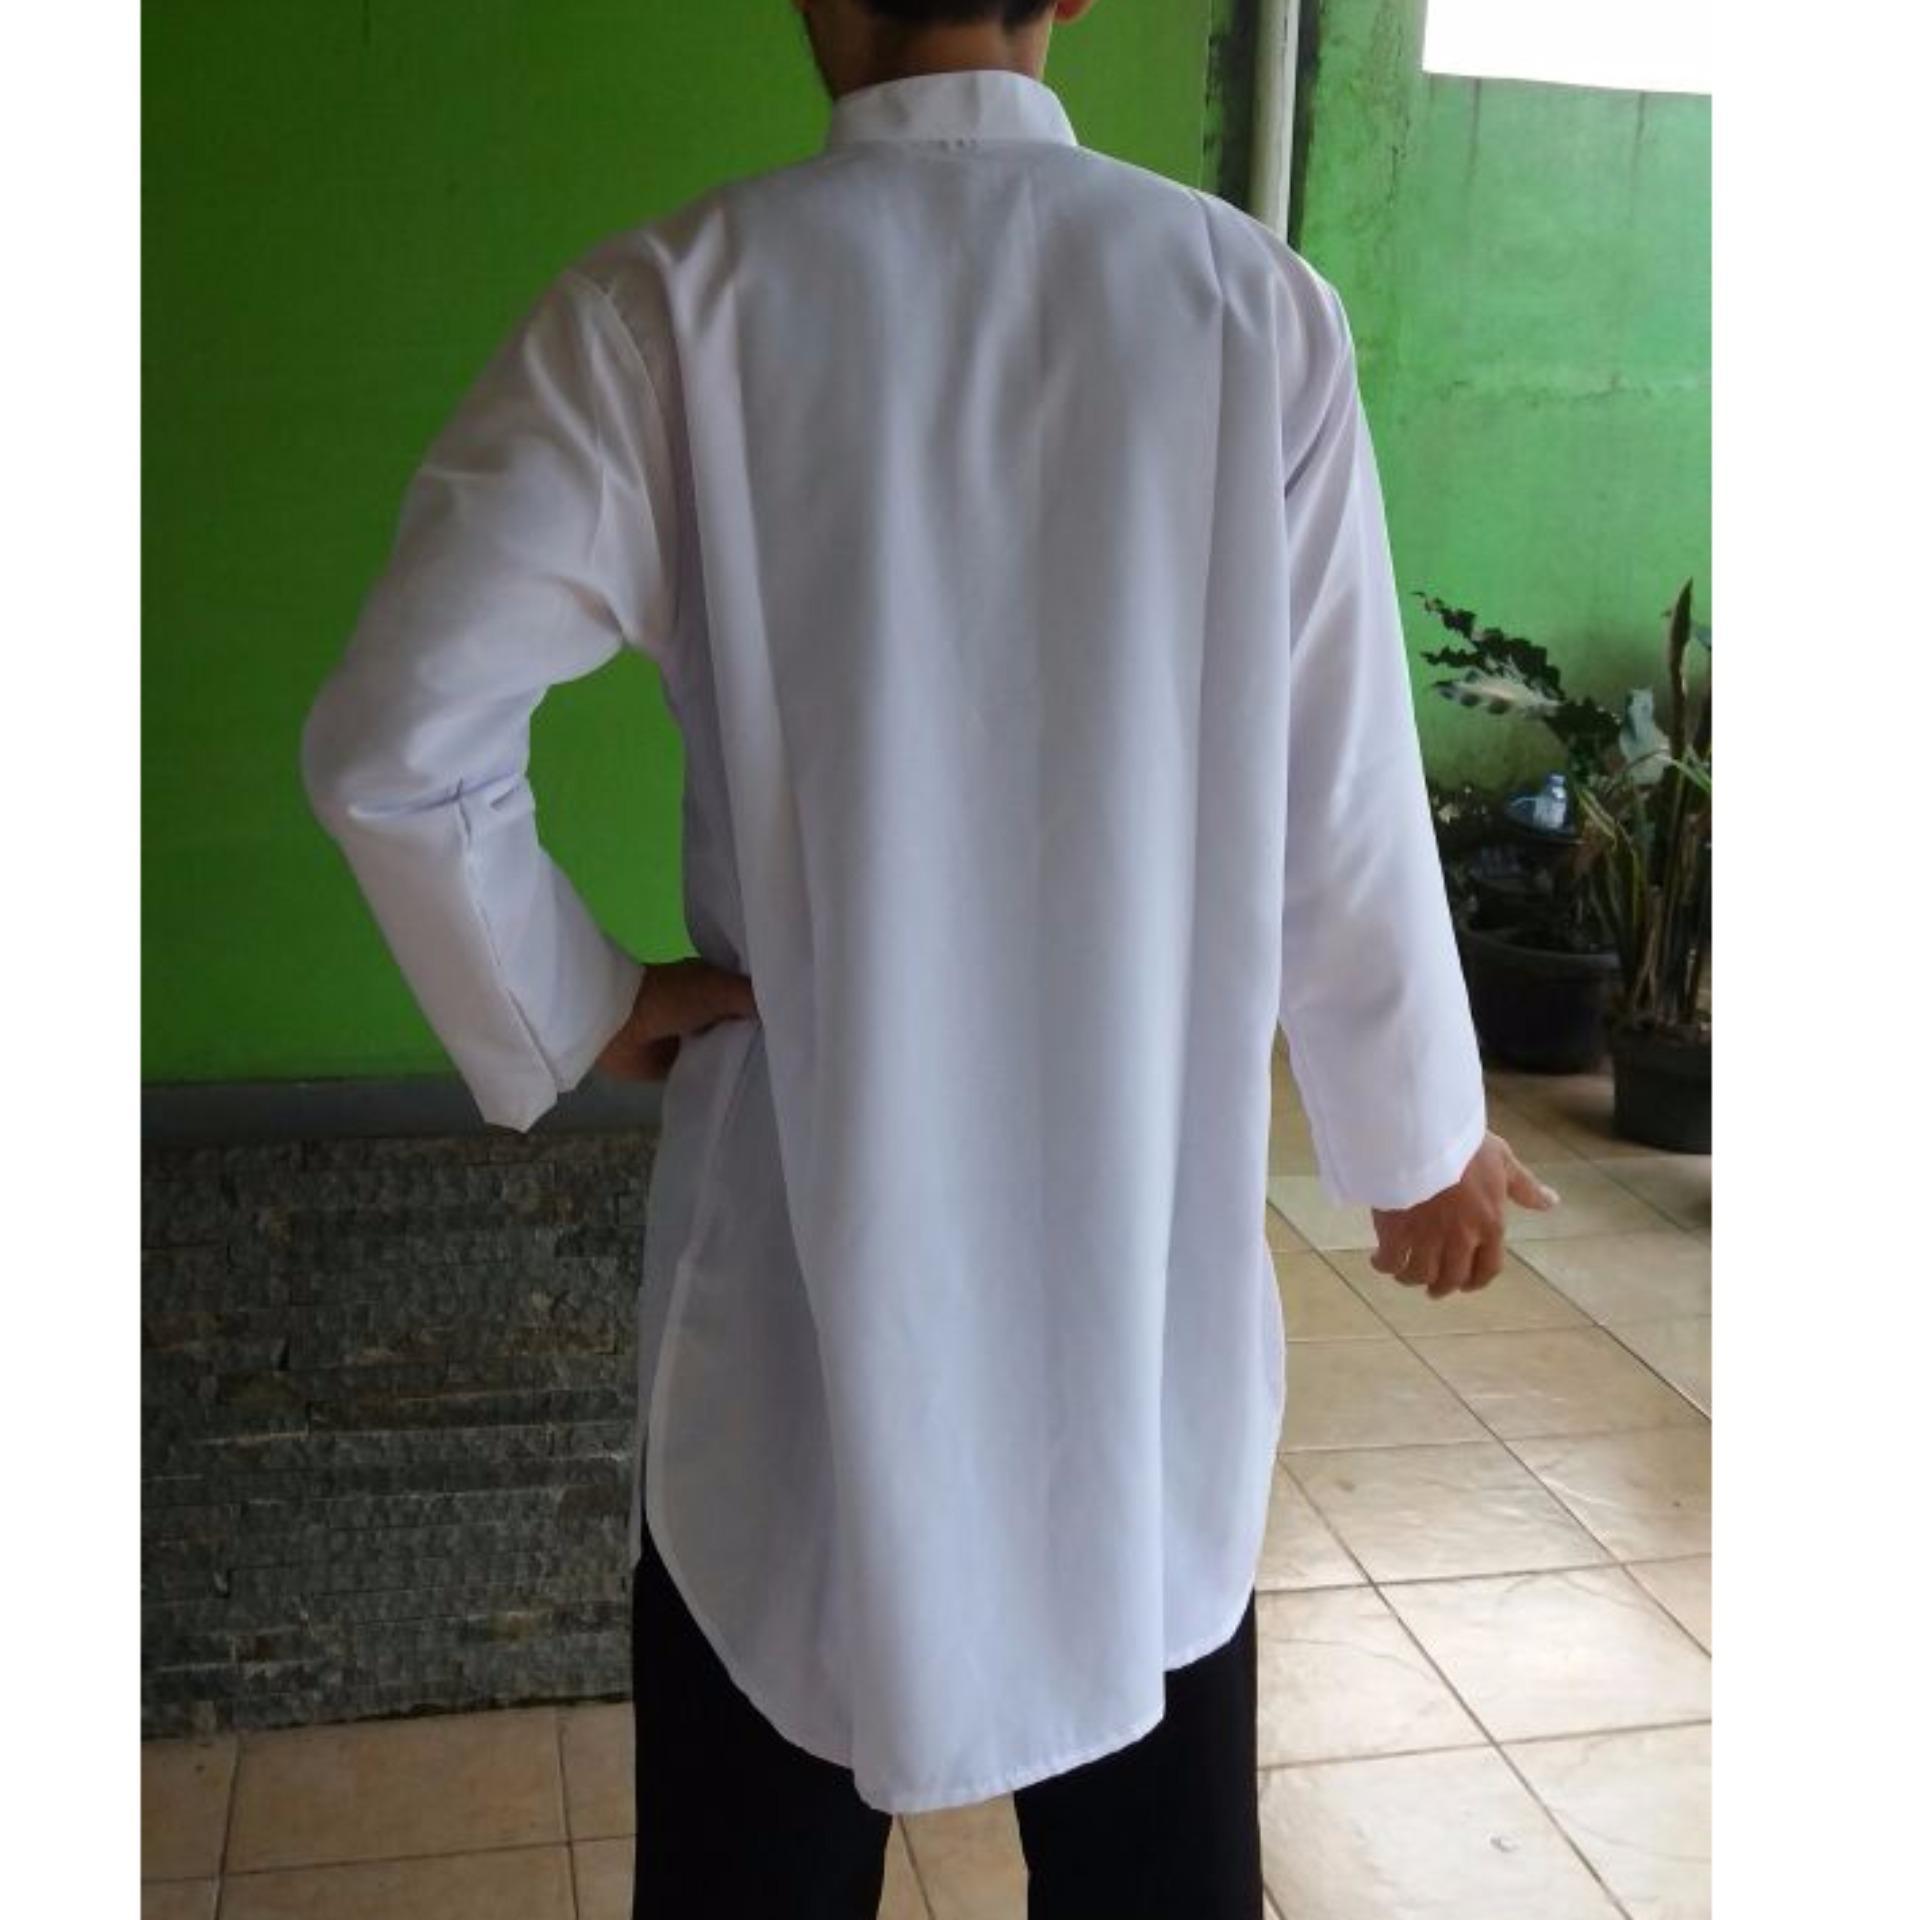 Periksa Peringkat Baju Gamis Putih Polos Gamis Pria Gamis Pakistan